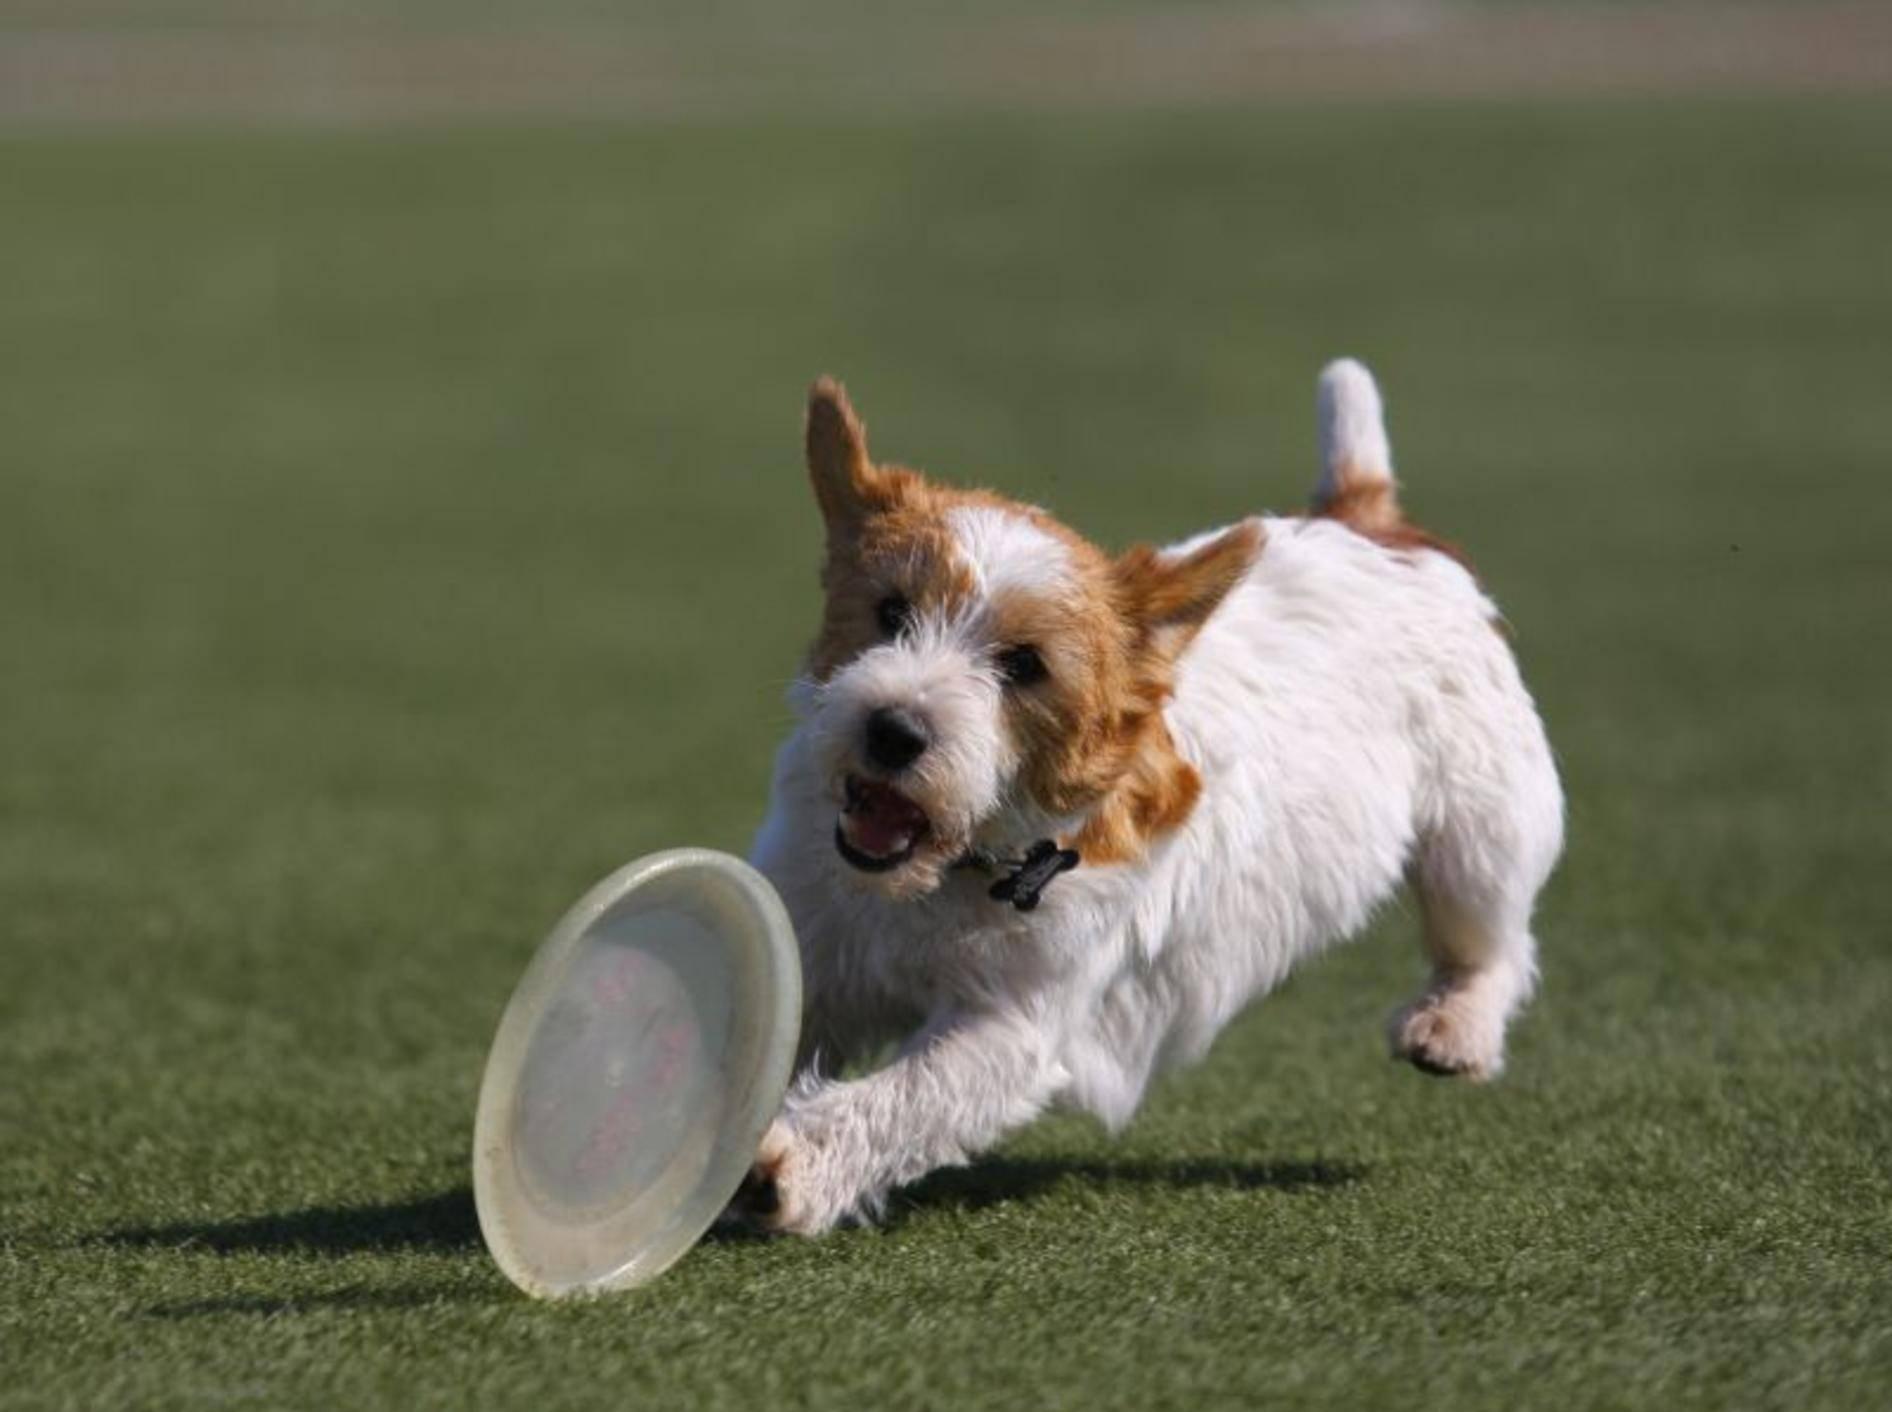 Frisbeescheiben apportieren? Für schlaue Hunde wie Jack Russell Terrier ein Leichtes! — Bild: Shutterstock Utekhina Anna